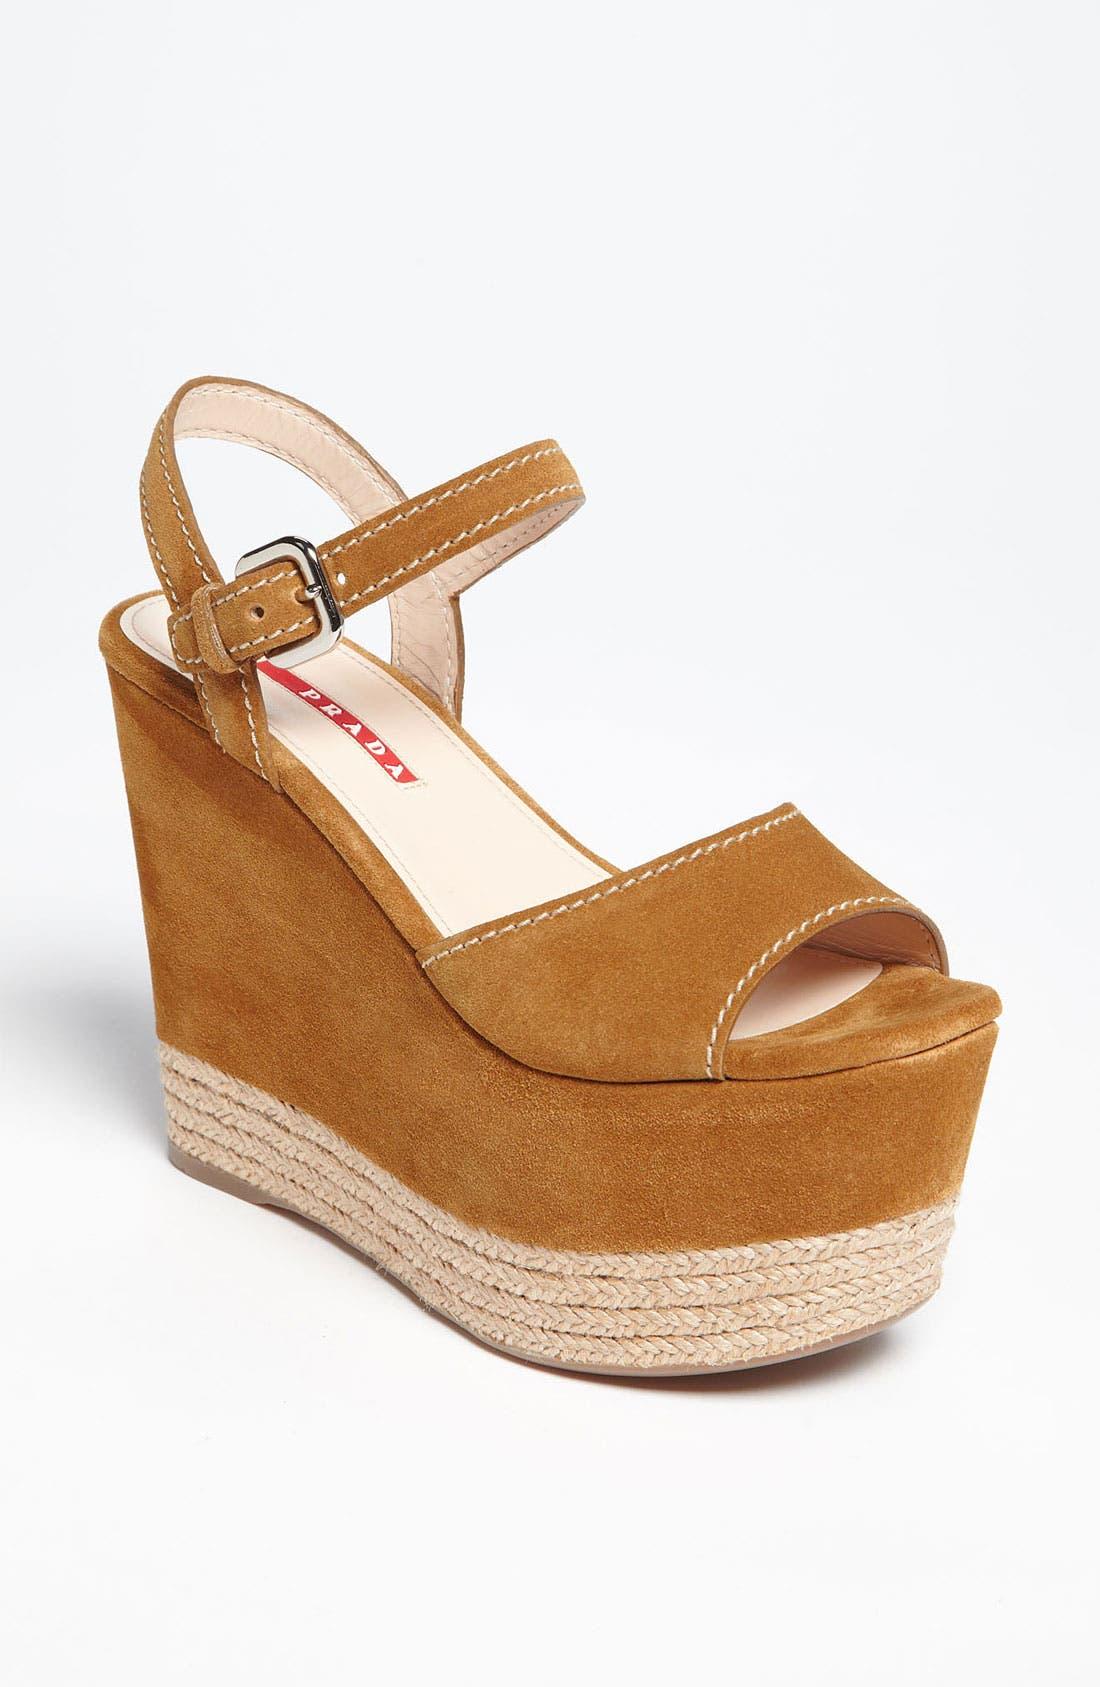 Alternate Image 1 Selected - Prada Wedge Sandal